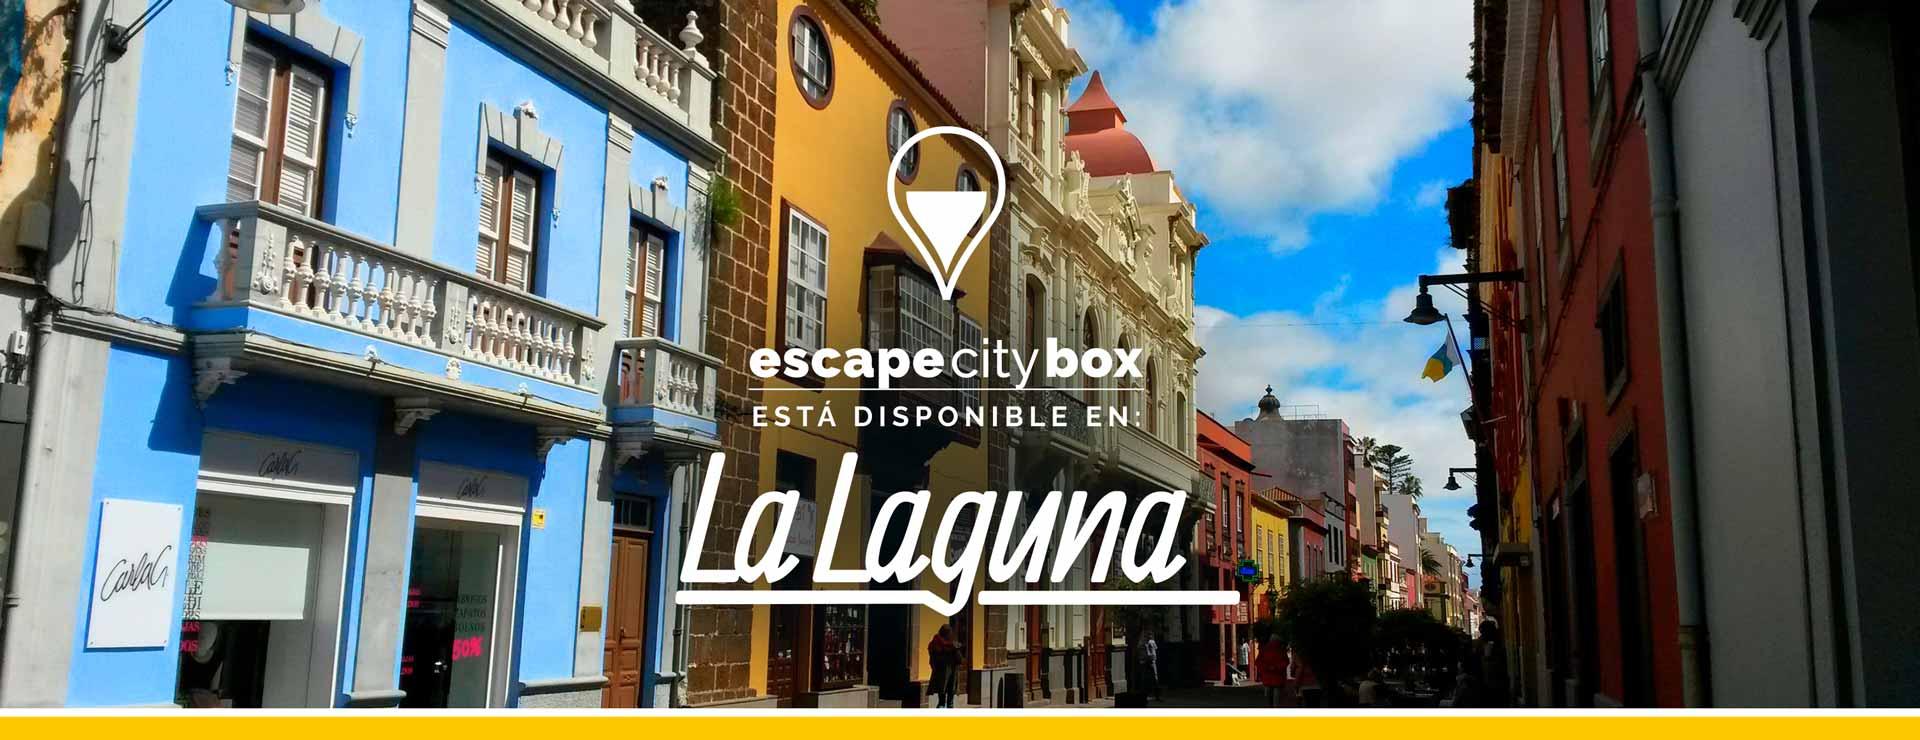 Escape room en La Laguna